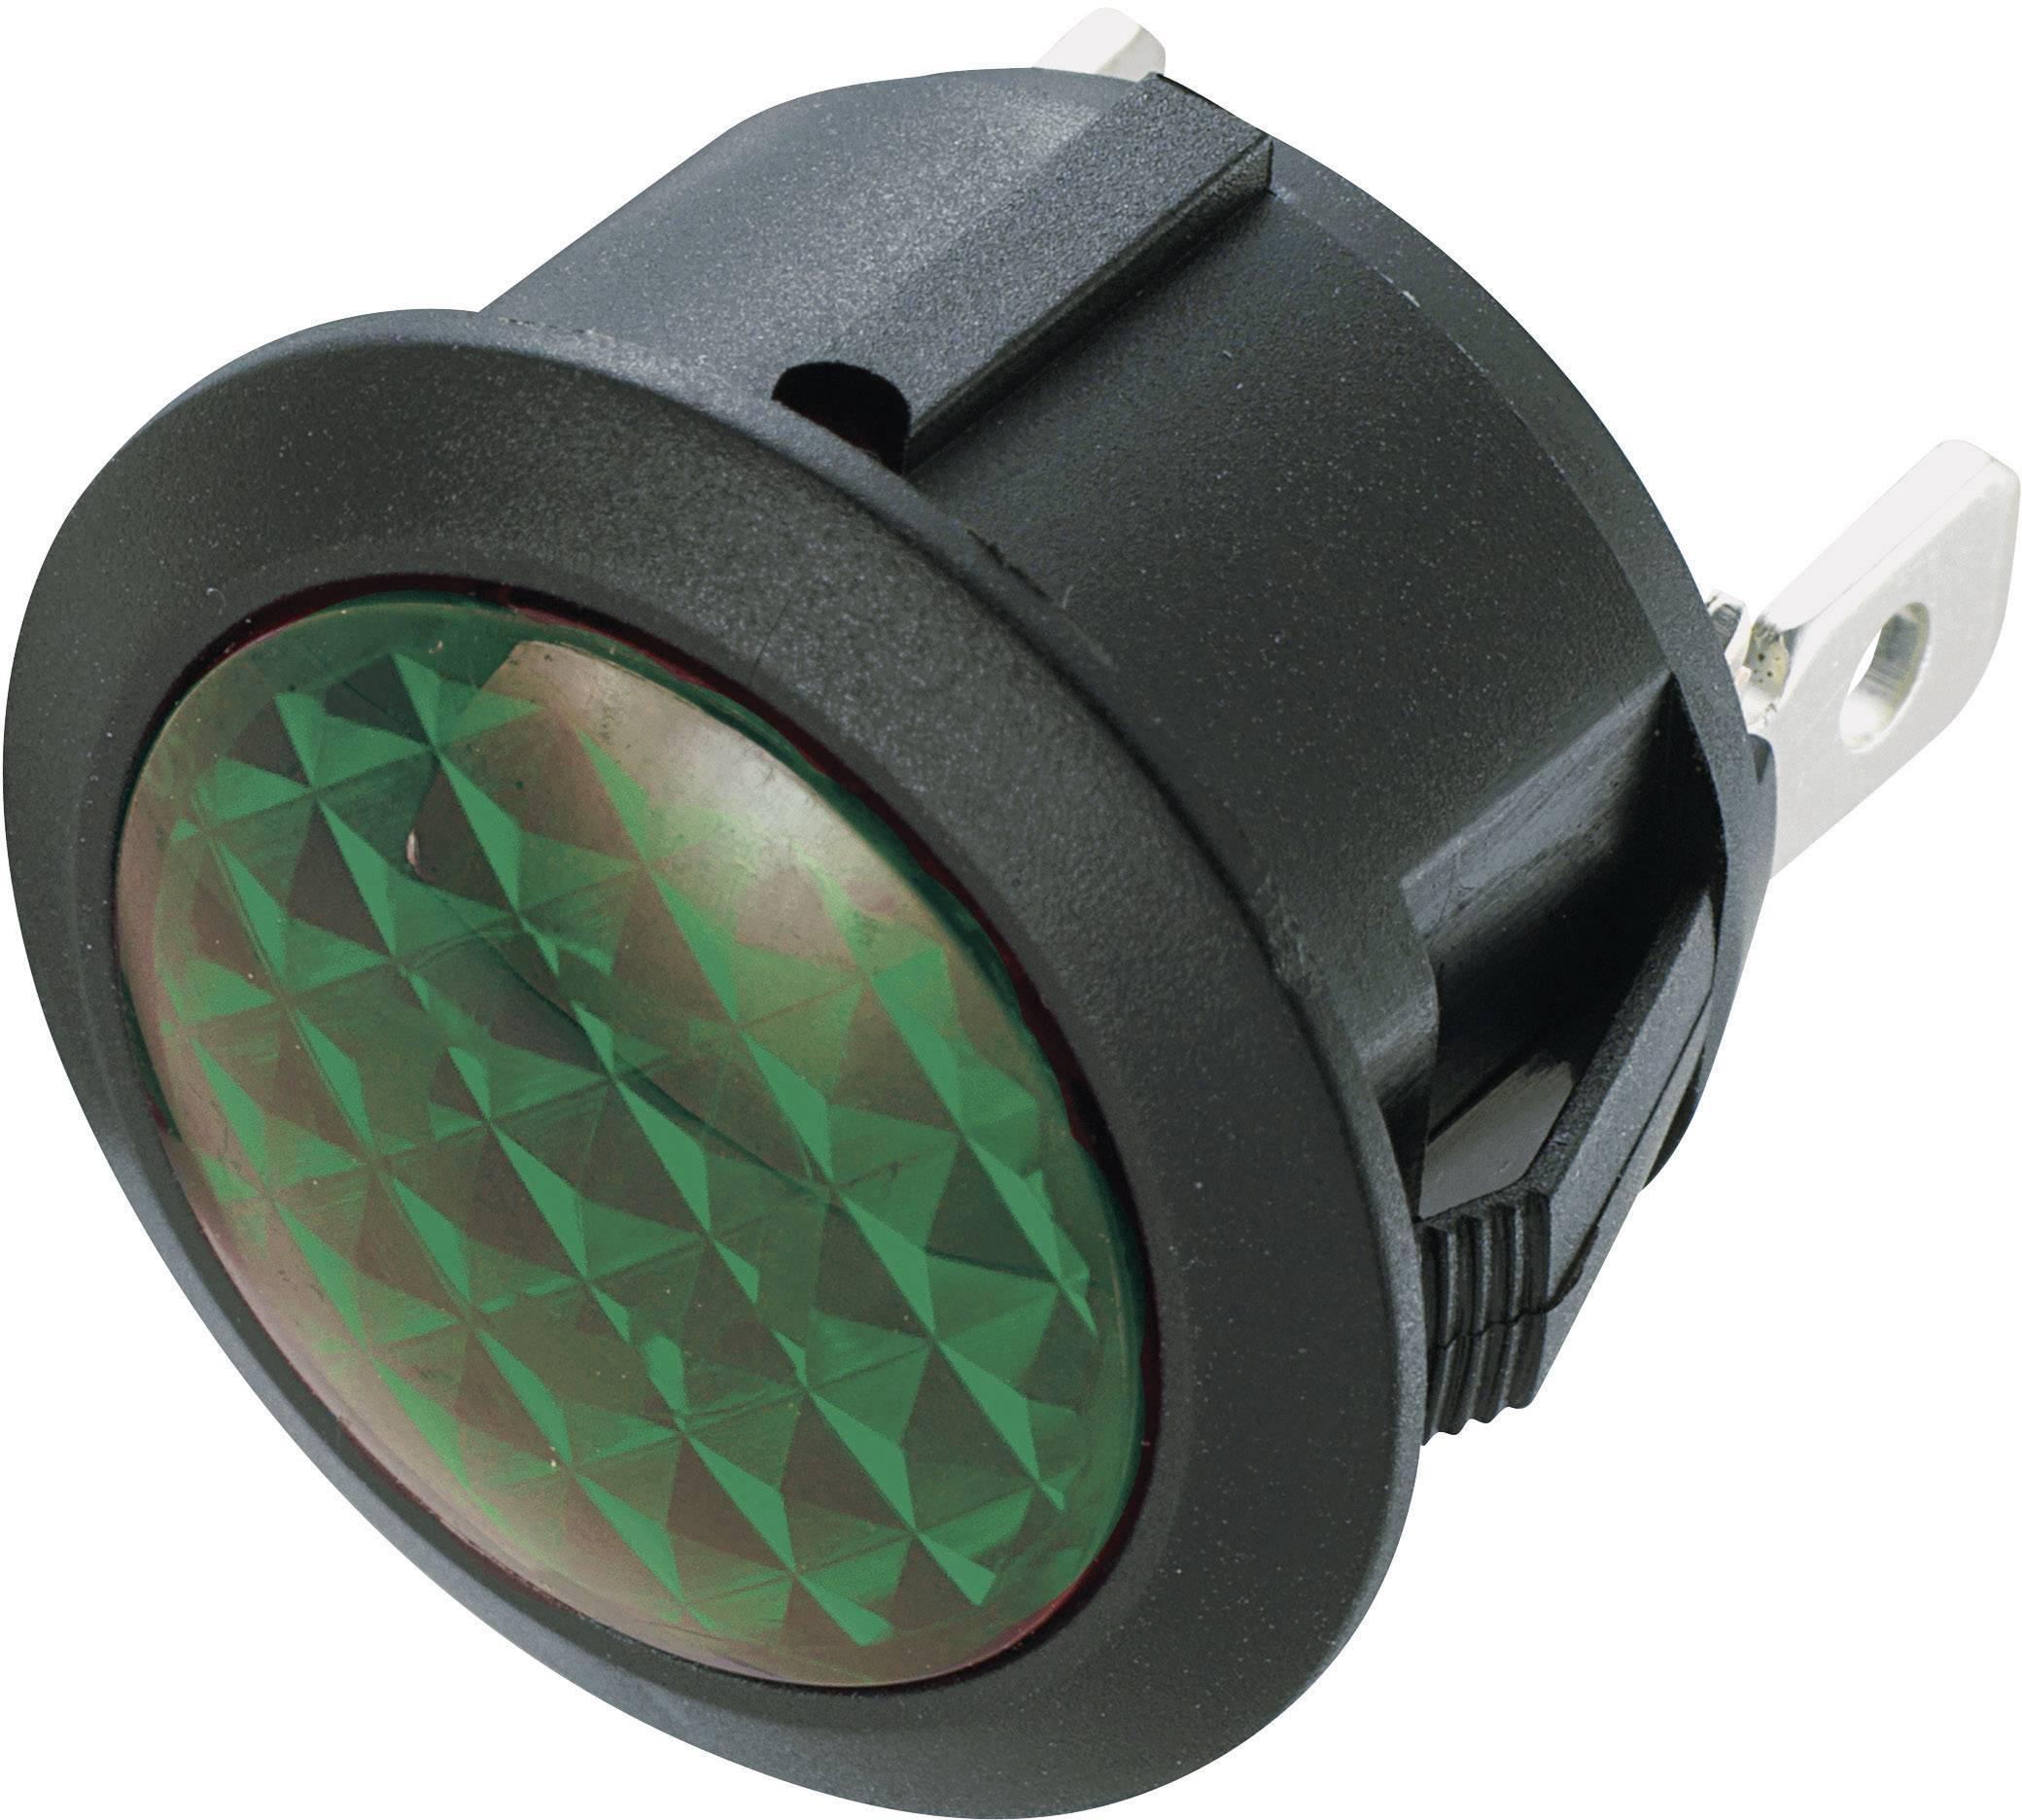 Neonové signalizační světlo SCI, zelená, kulaté